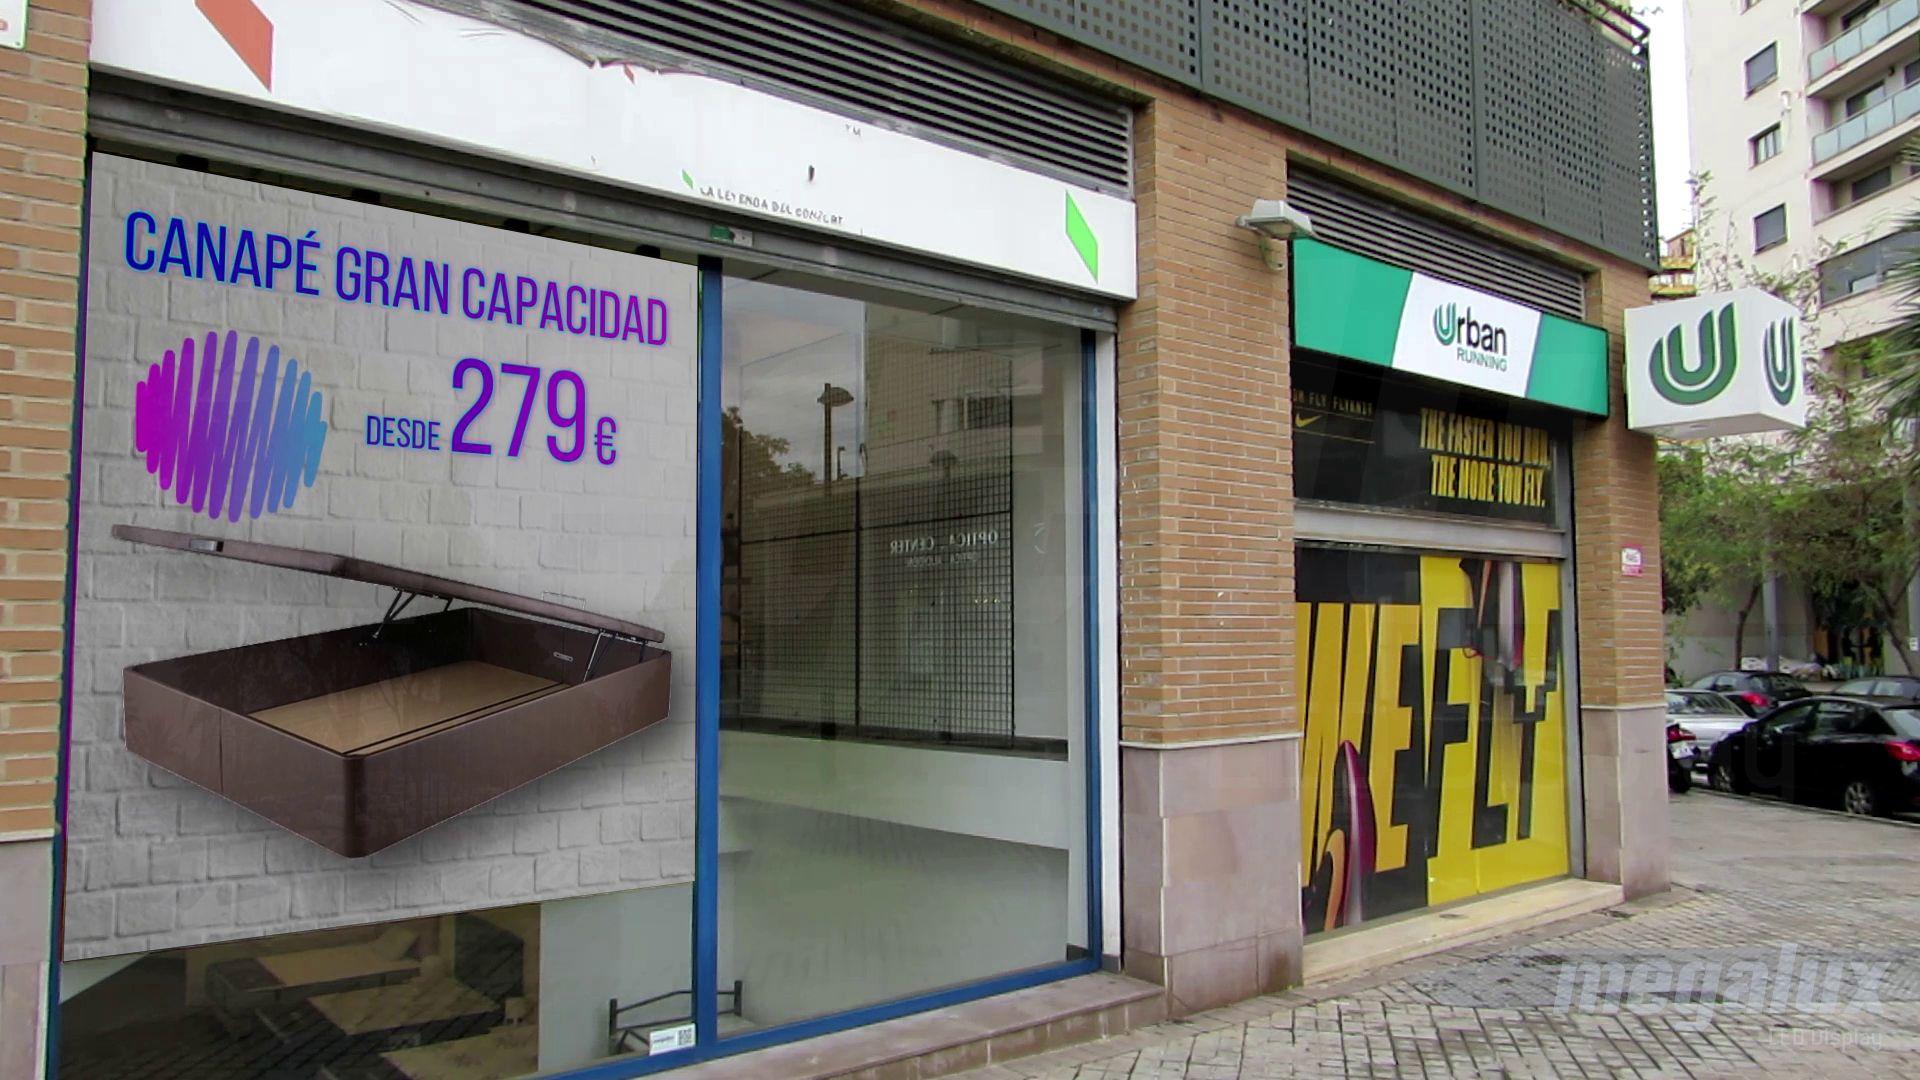 Impactantes pantallas LED publicitarias Megalux en frente de Carrefour Campanar - 2020